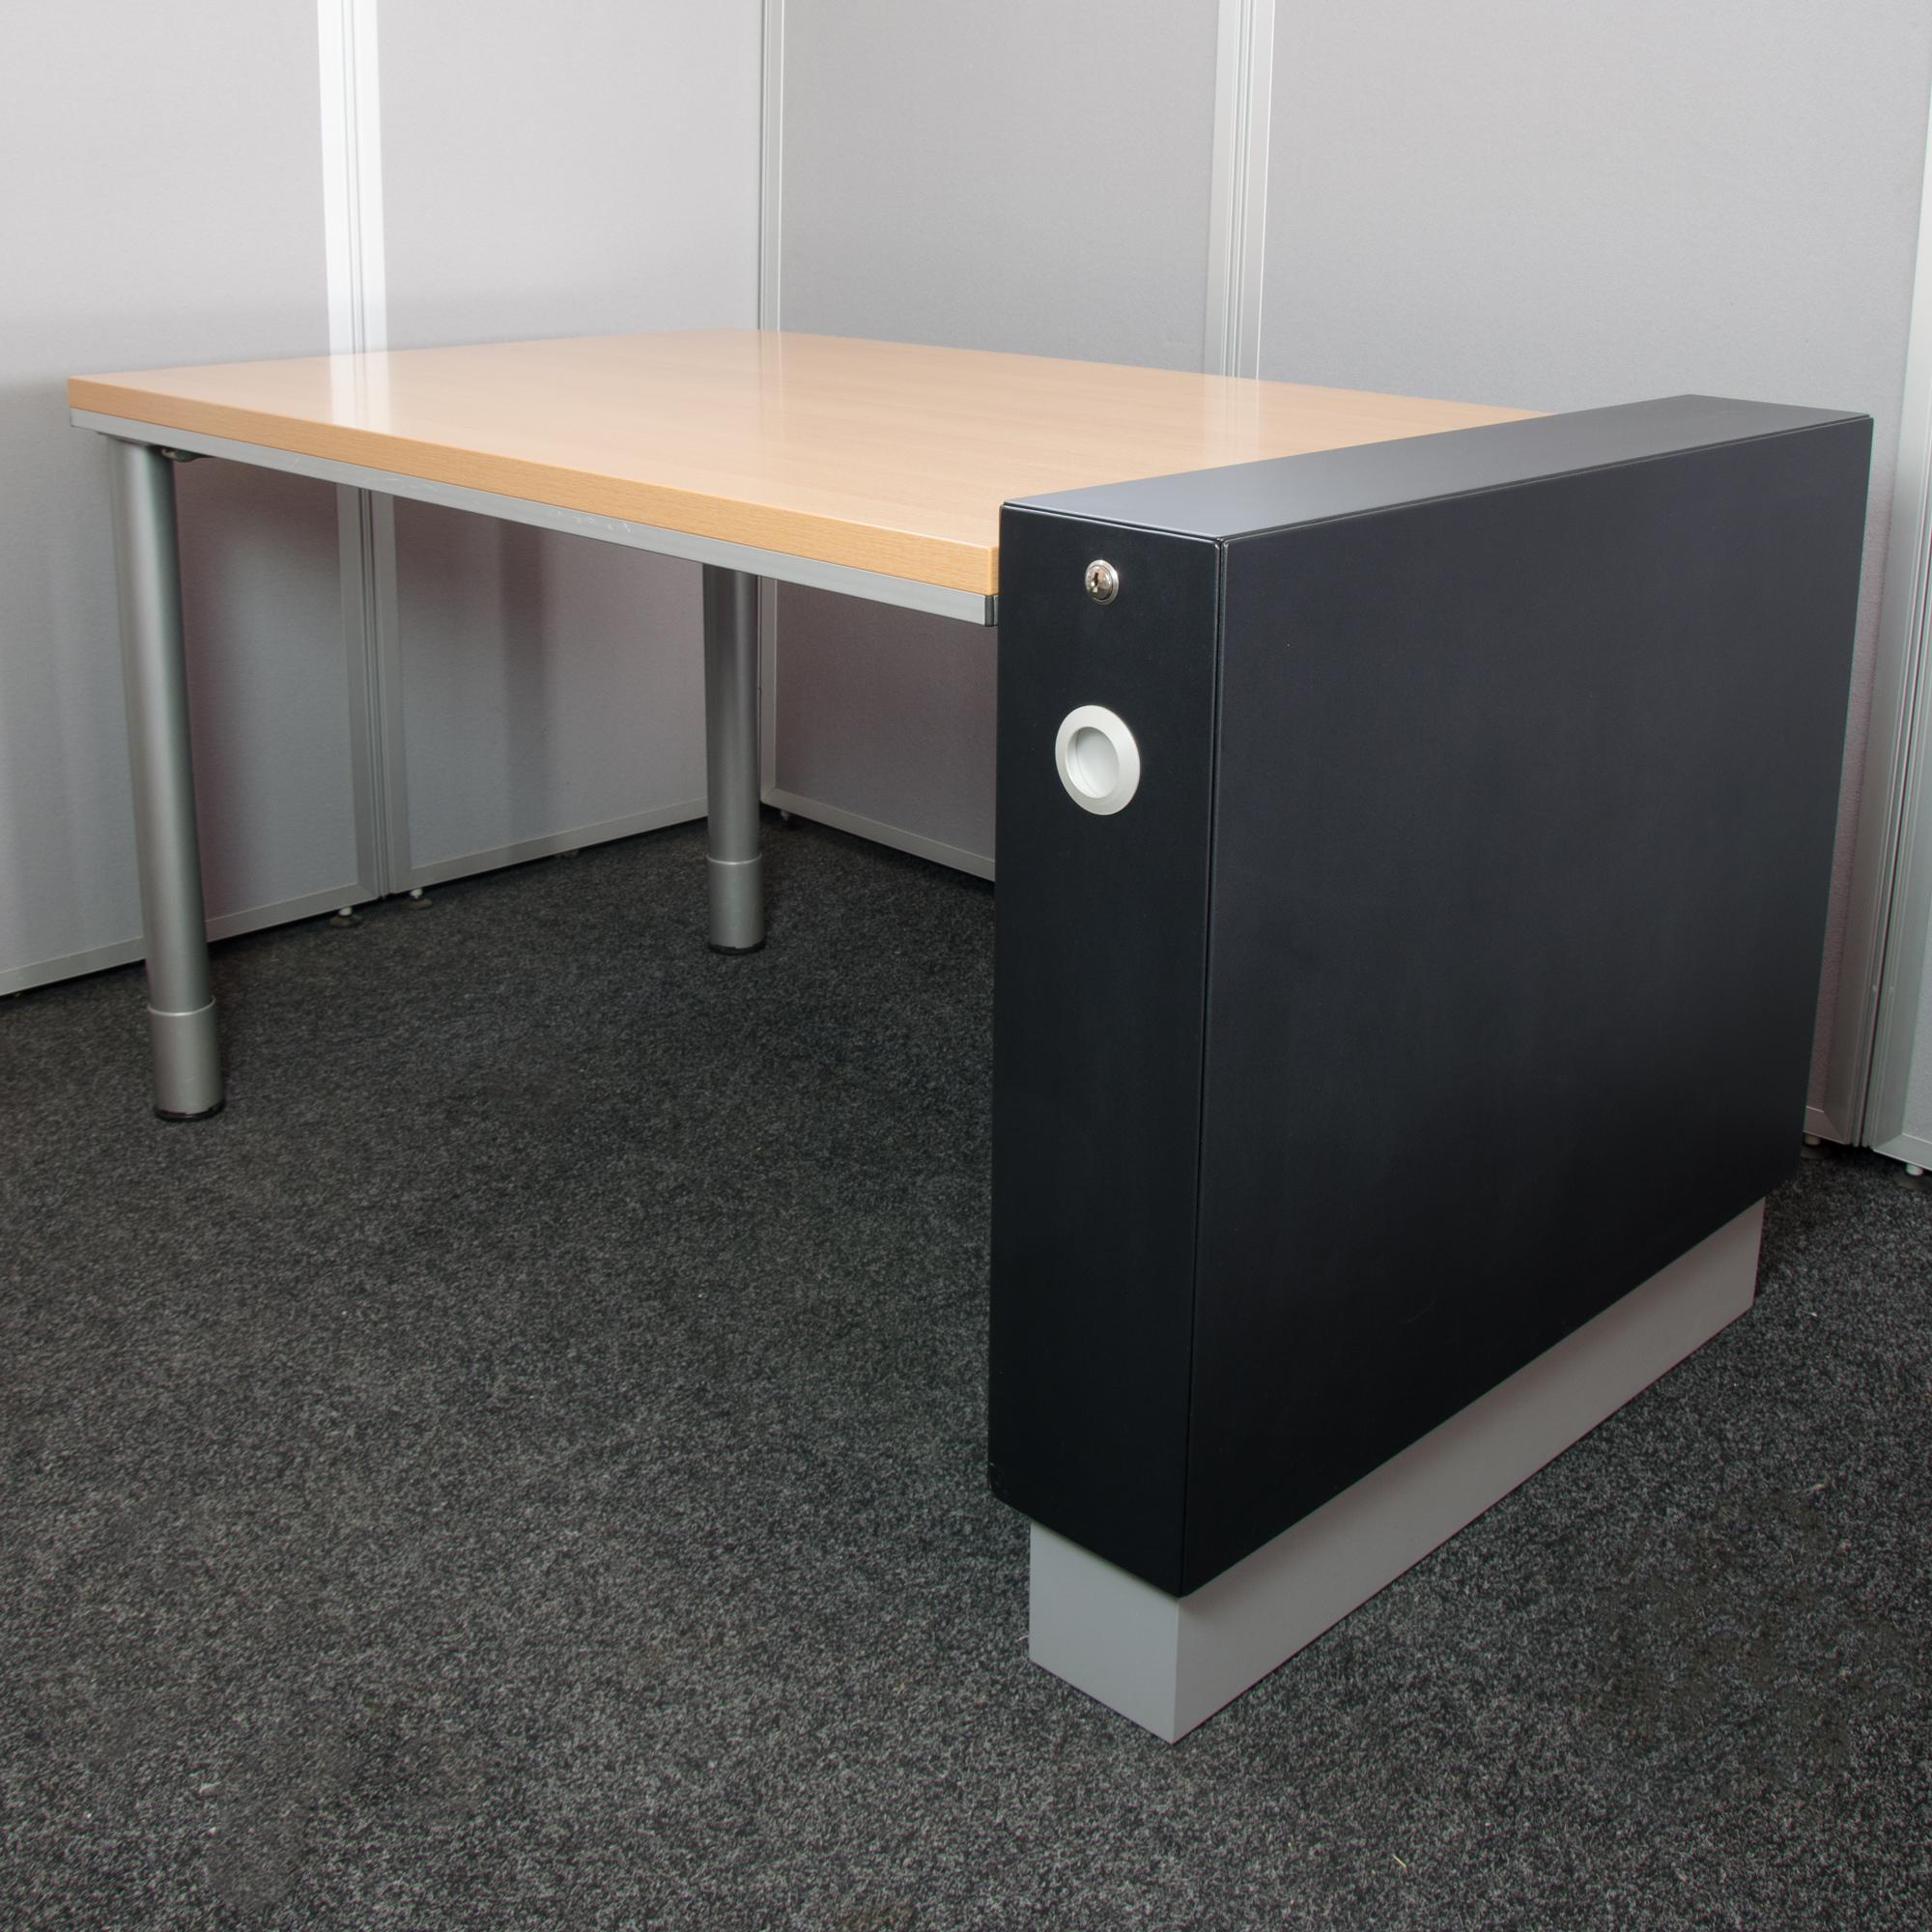 Schreibtisch arbeitsplatz beistell container x 800 for Schreibtisch container design